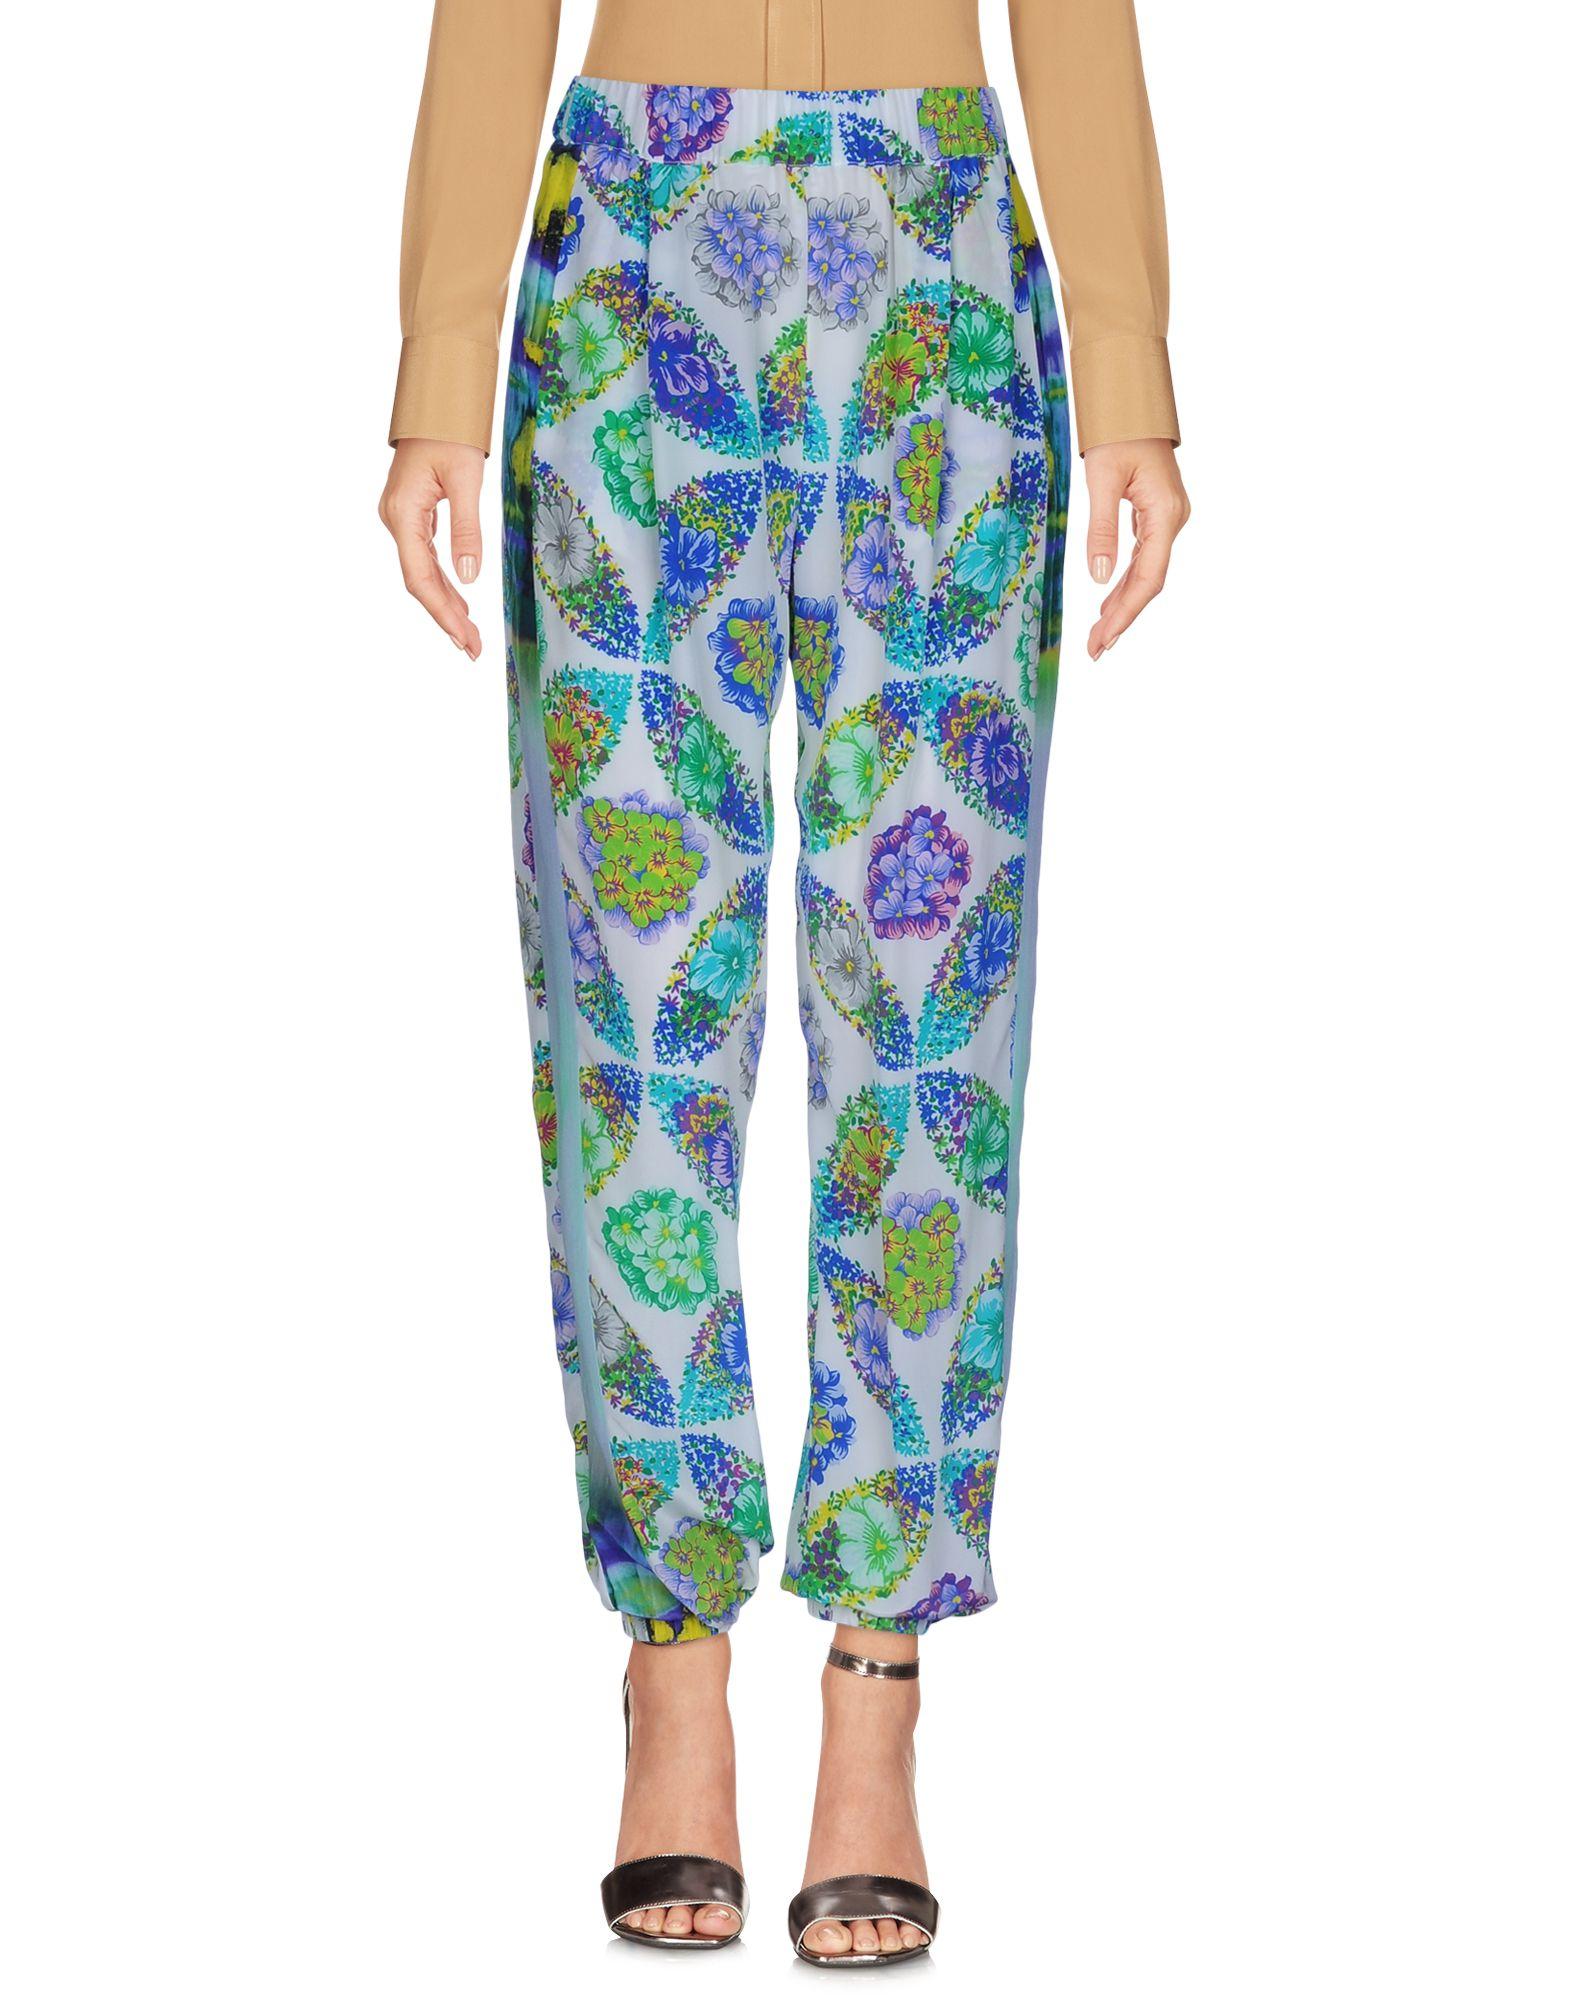 Pantalone Msgm Donna - Acquista online su t4xBXd1FvO